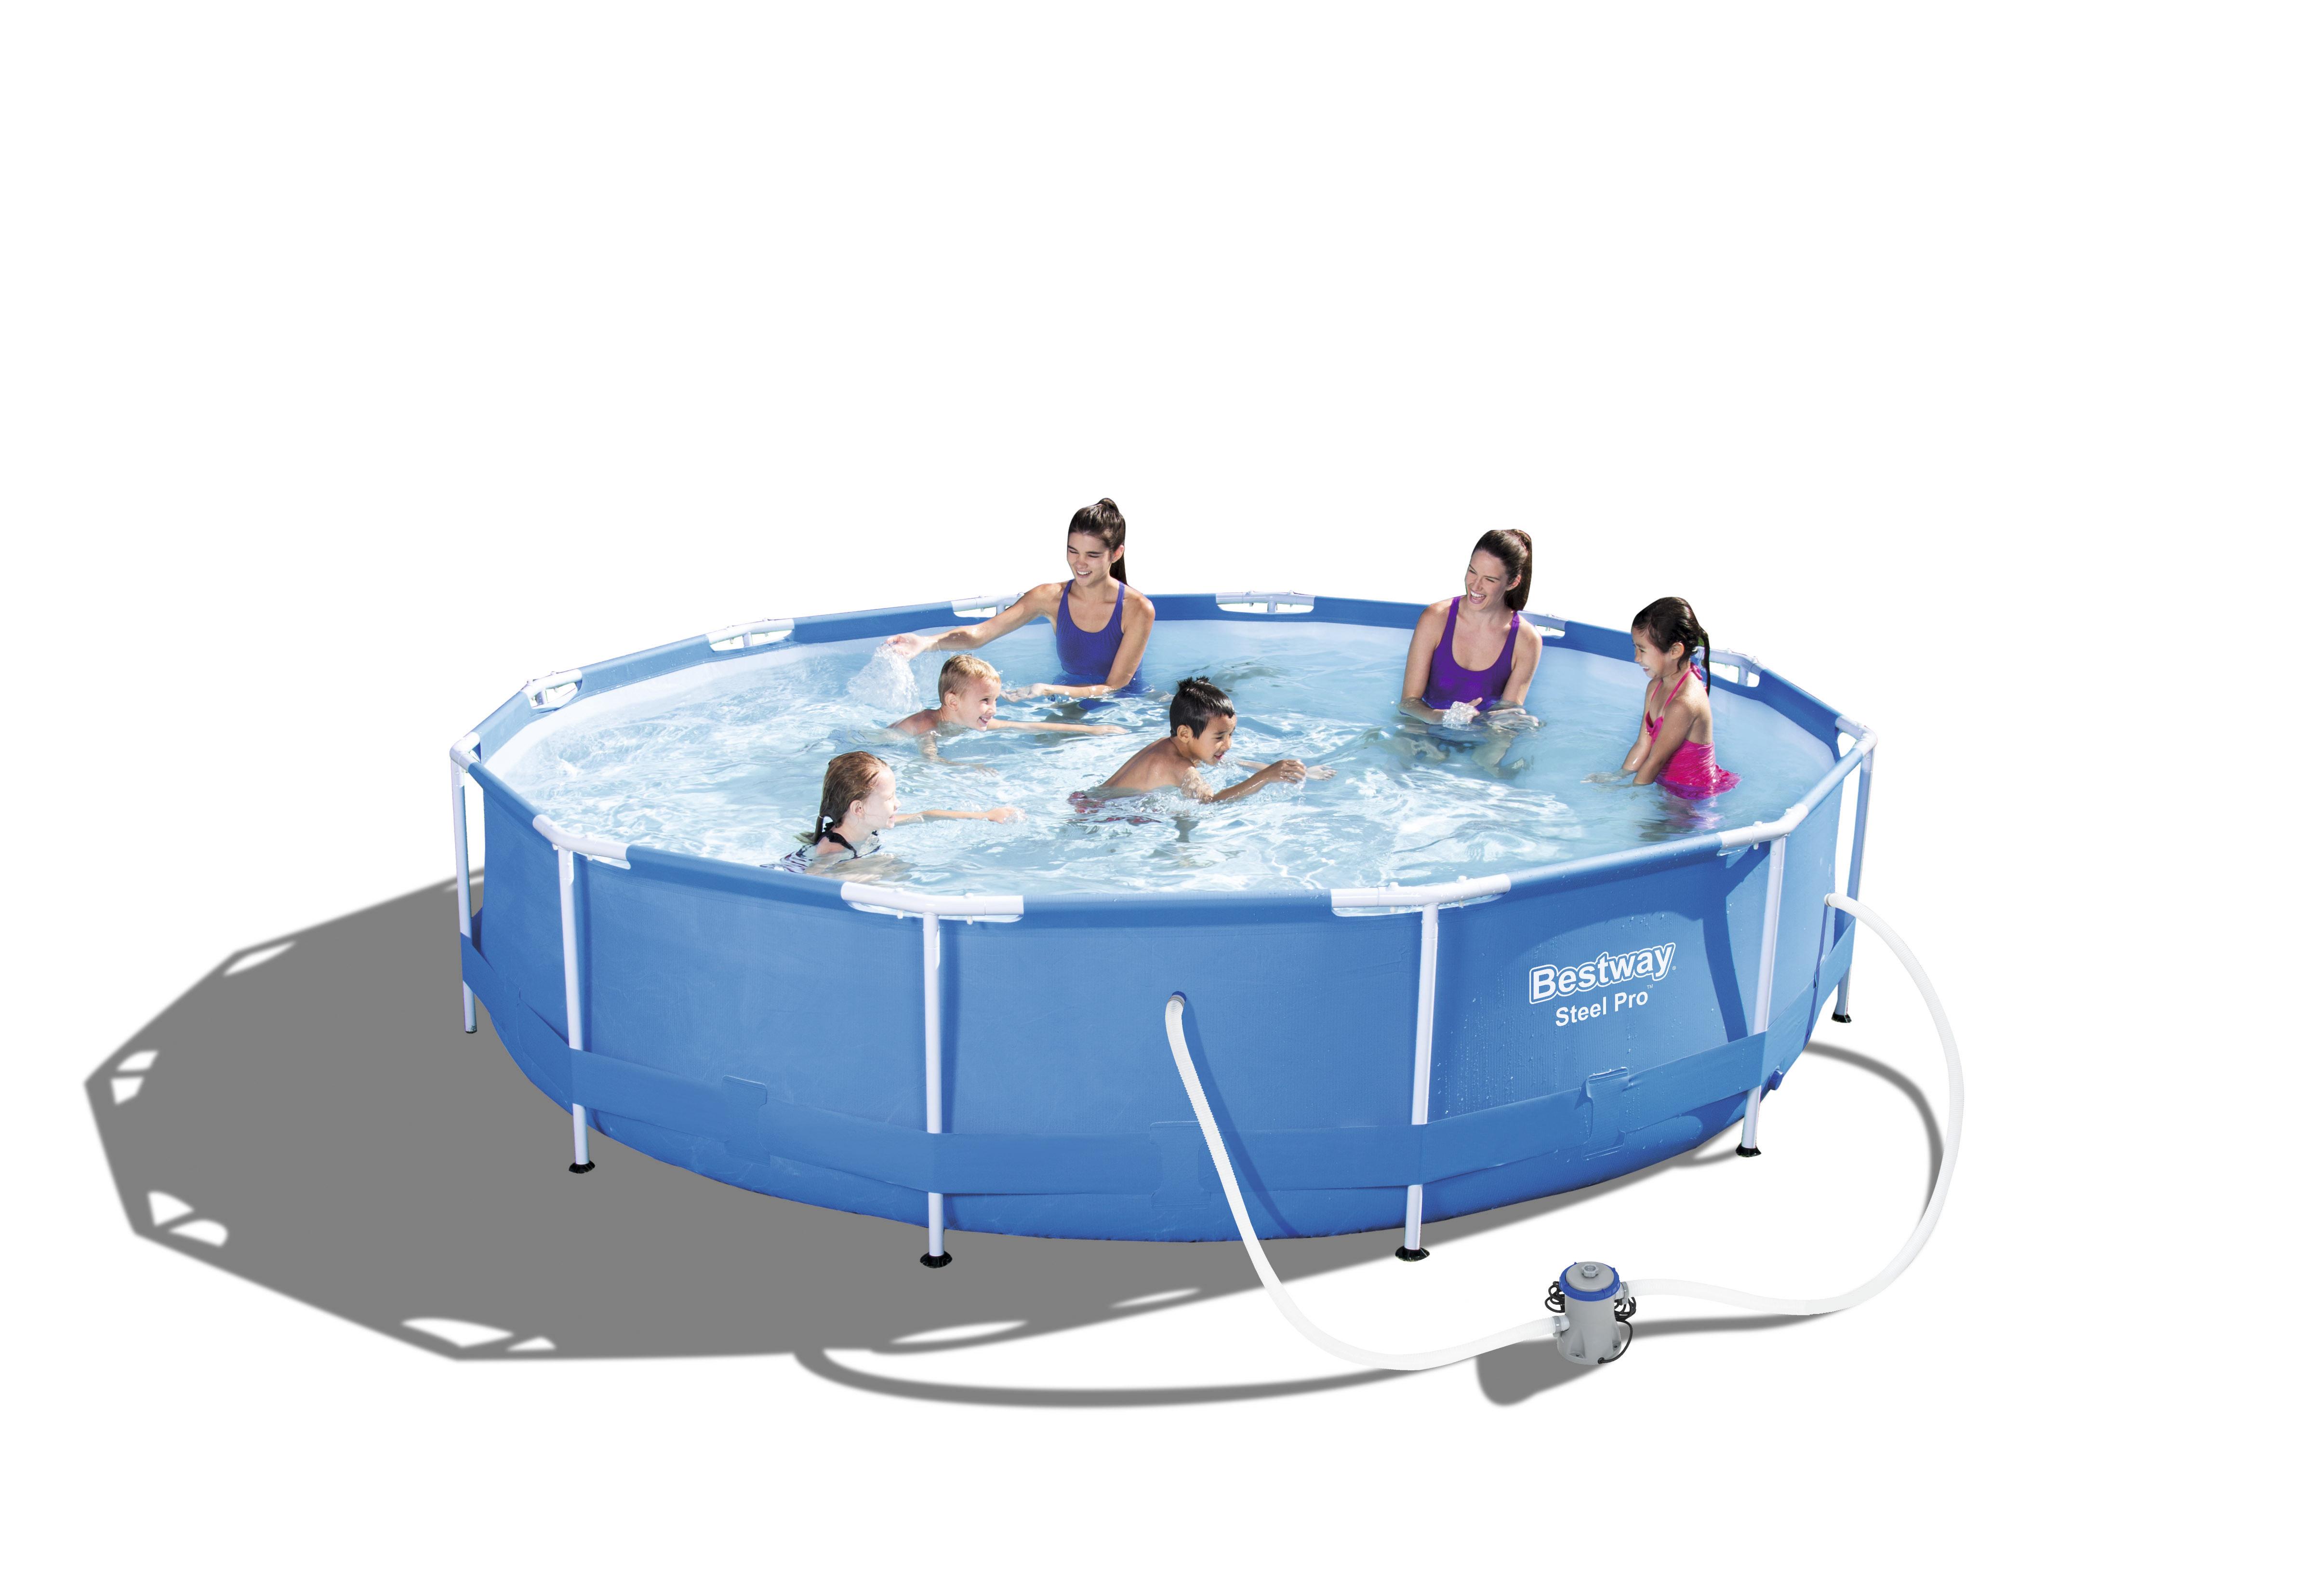 planschbecken rund 366 cm frame pool mit filterpumpe gartenpool gartenshop ahrensburg. Black Bedroom Furniture Sets. Home Design Ideas